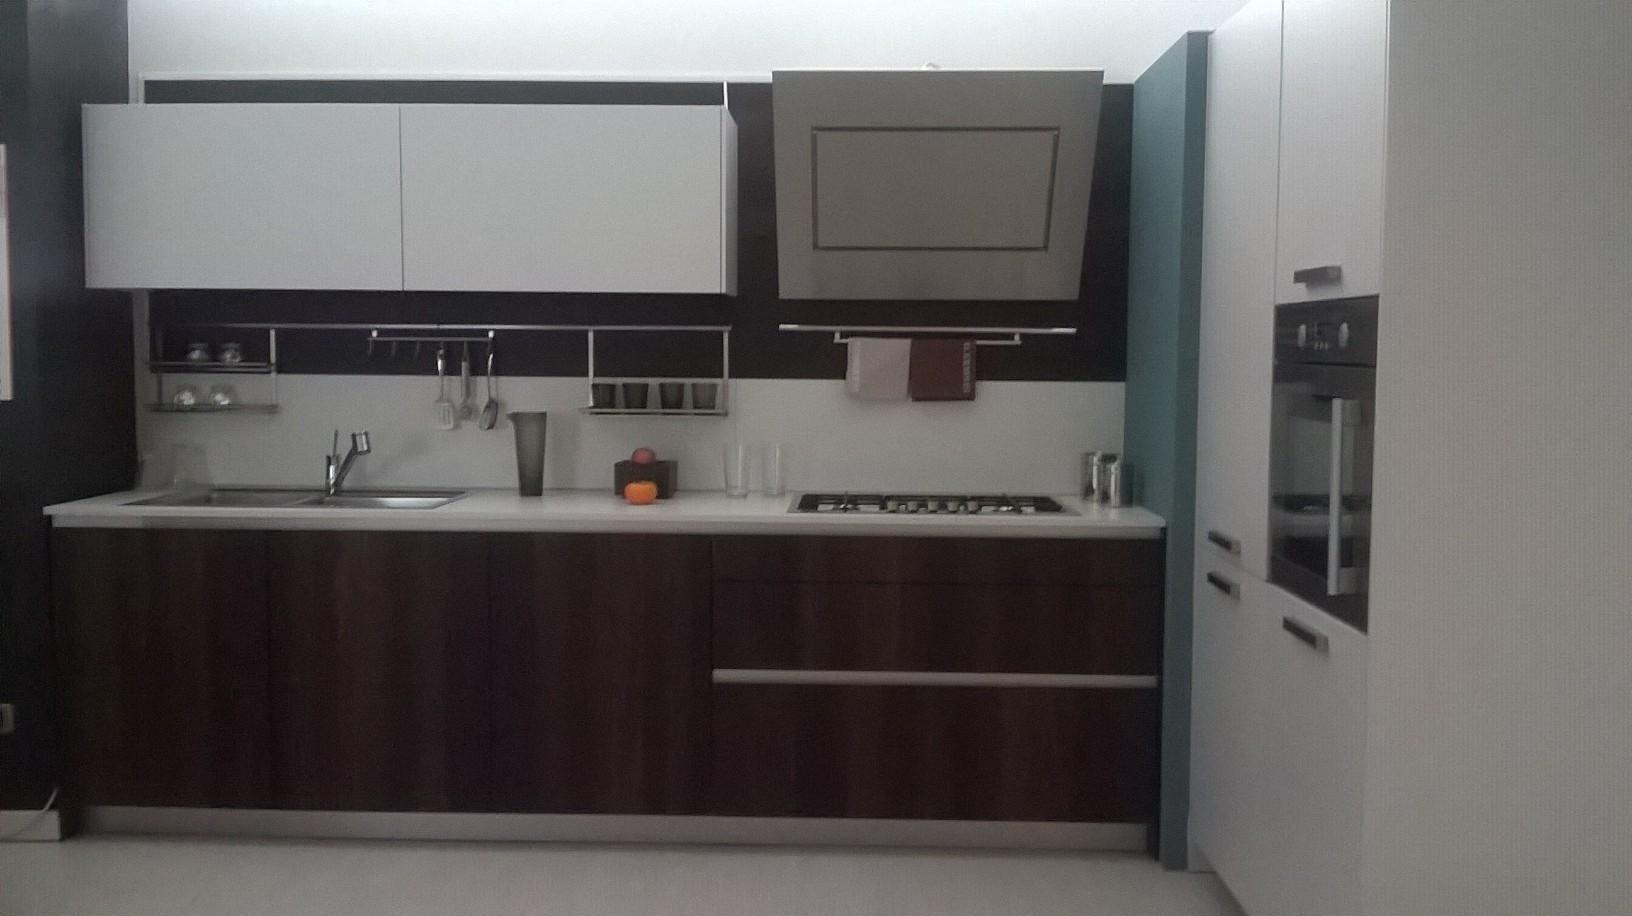 Cucina snaidero way design legno bianca cucine a prezzi scontati - Snaidero cucine prezzi ...